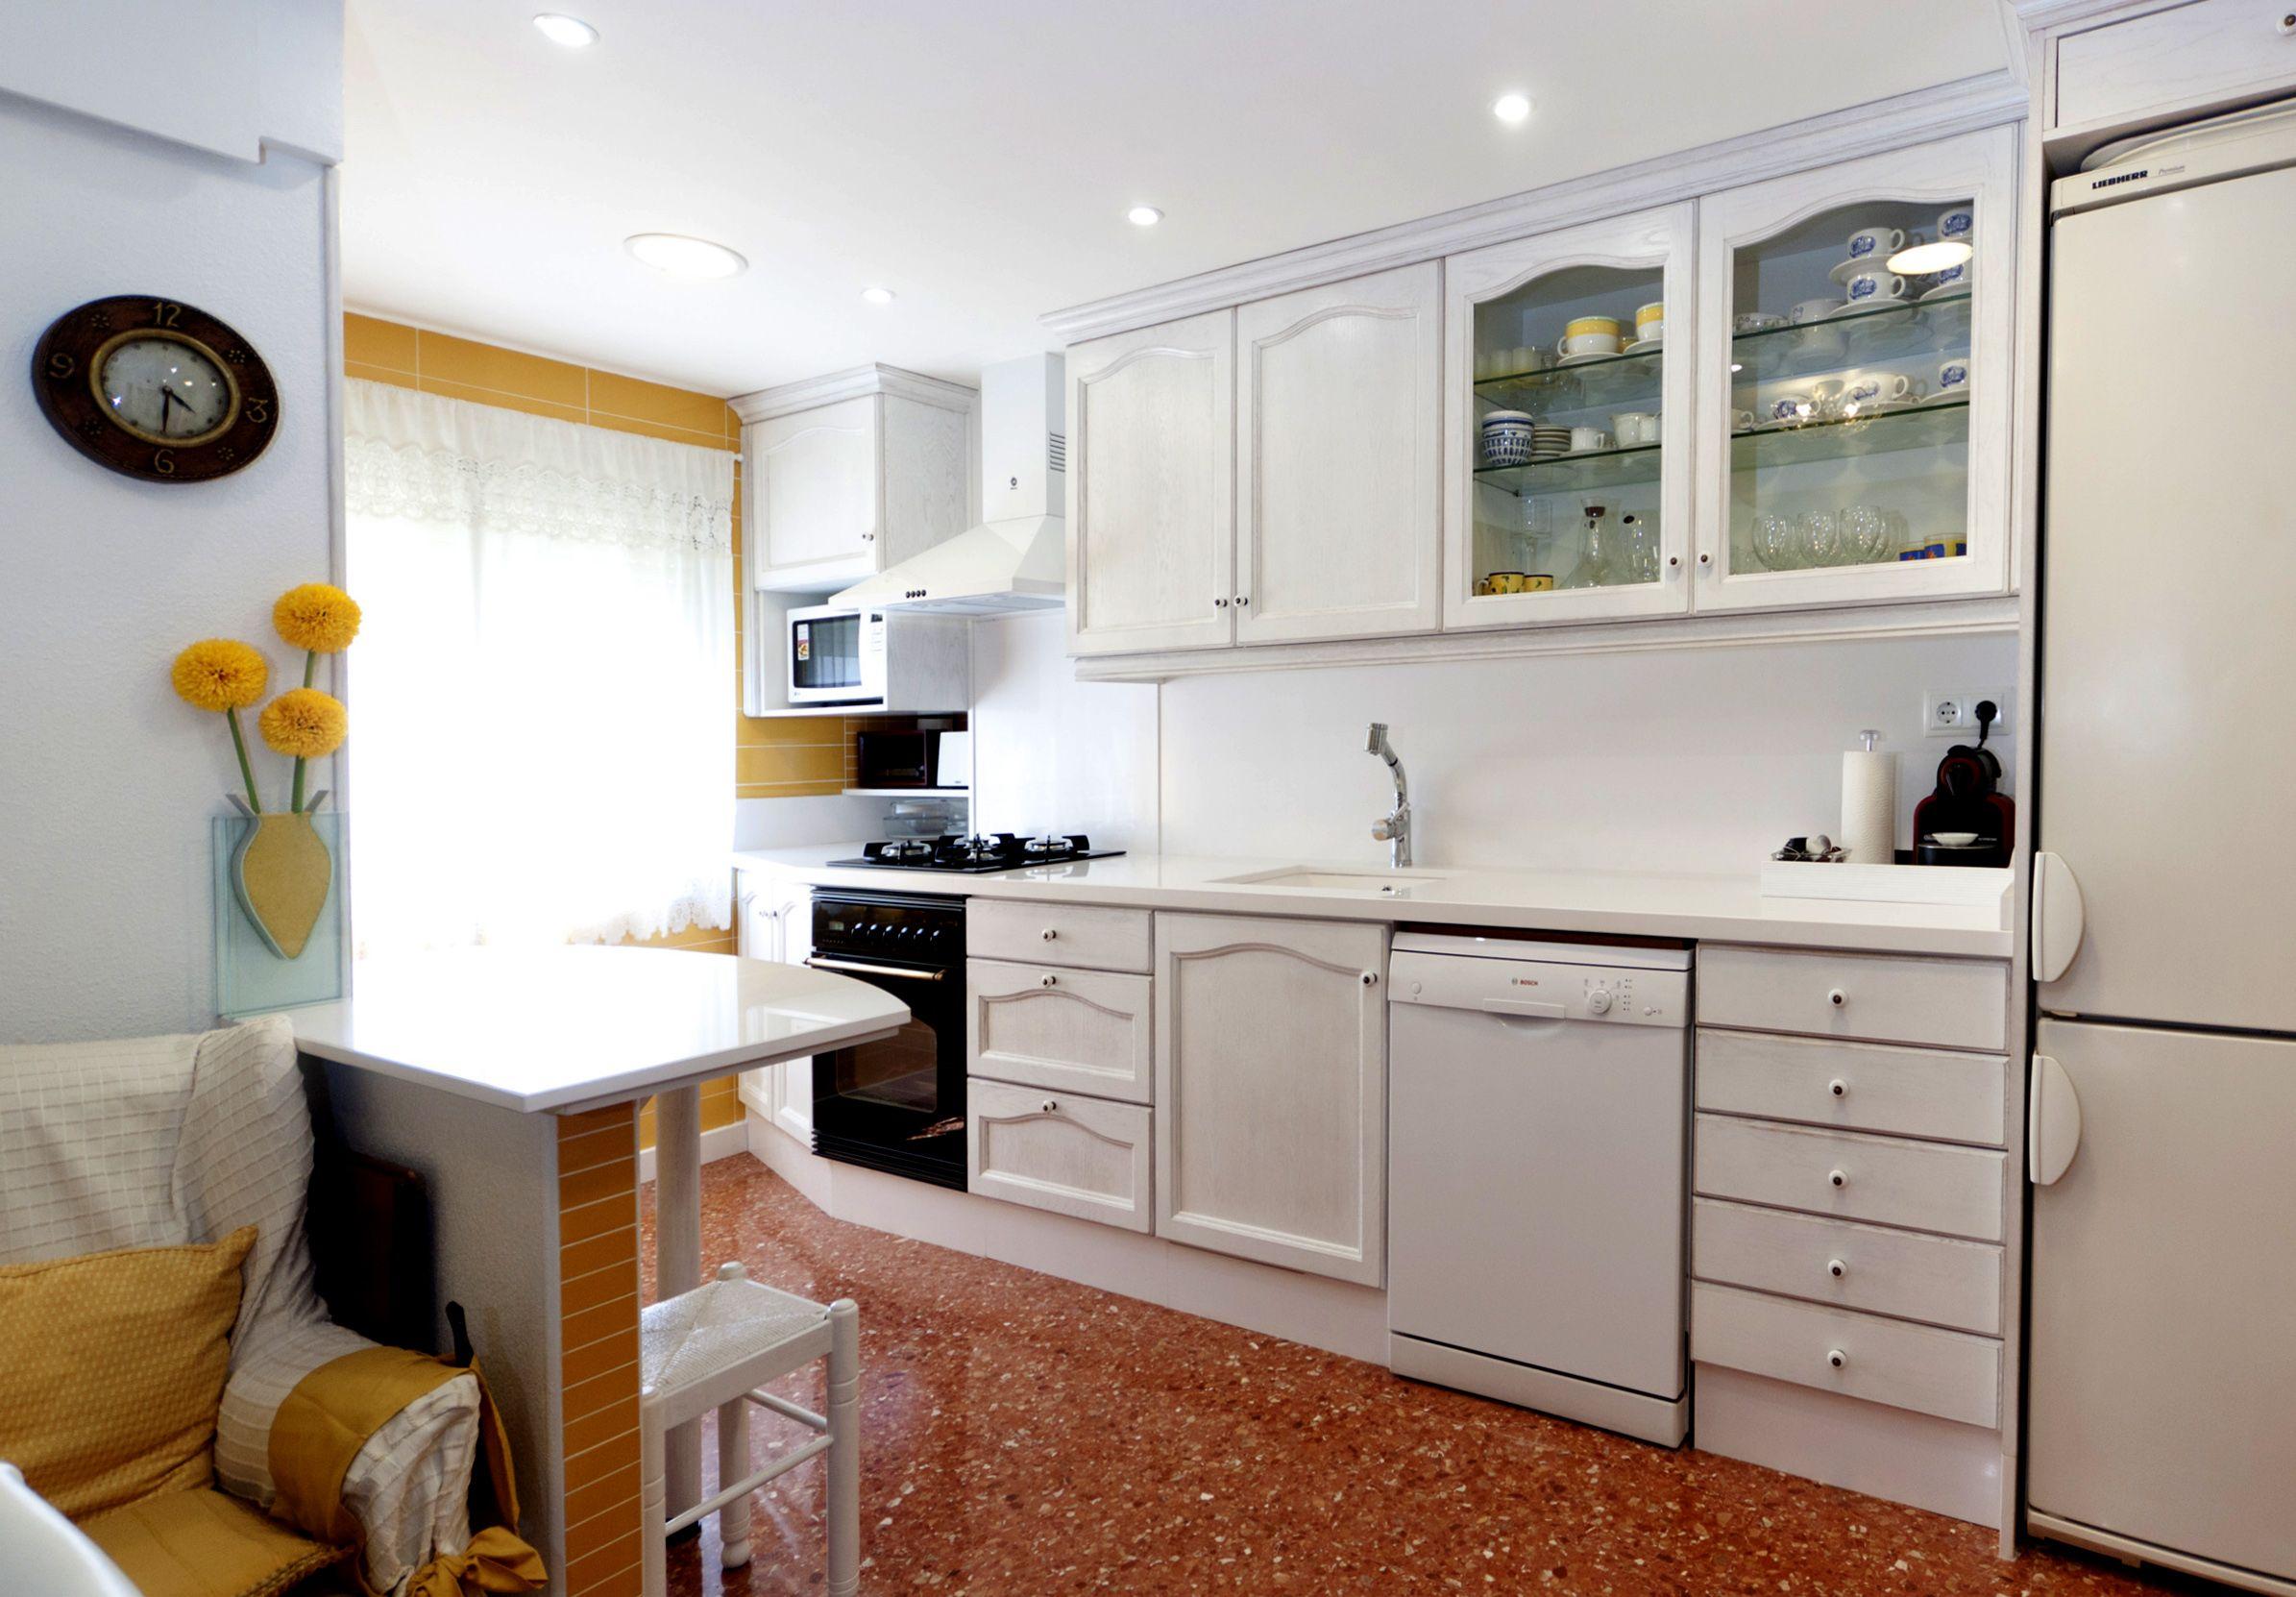 Cocina blanca con puertas de roble provenzal lacado a poro abierto ...